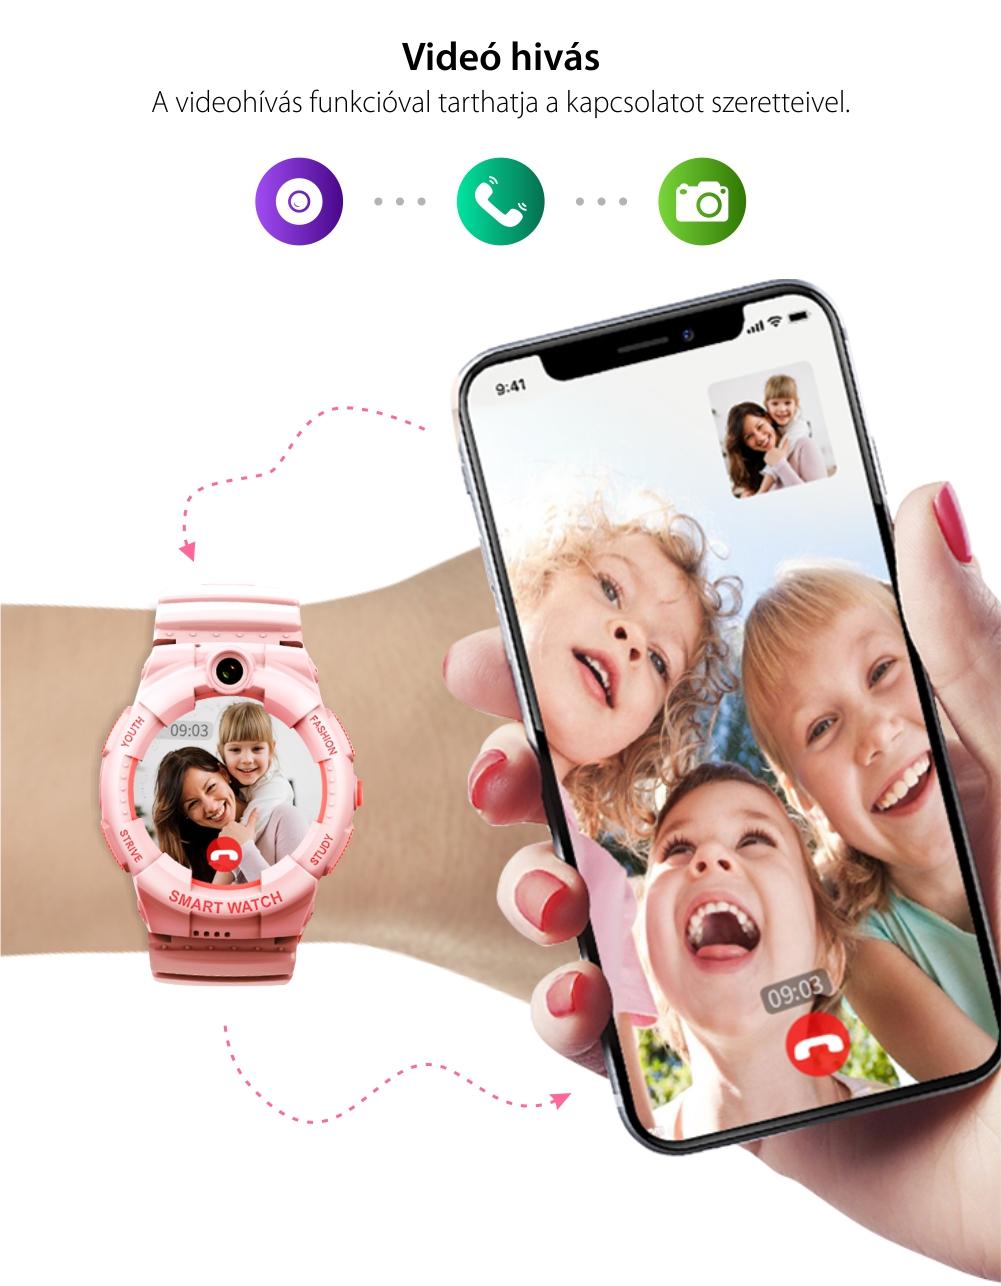 Okosóra gyerekeknek Wonlex KT25, Üzenetértesítések, Lépésszámláló, Kalória, Távolság, Kétirányú kommunikáció, Telefon fukció, Helymeghatározás, Fehér